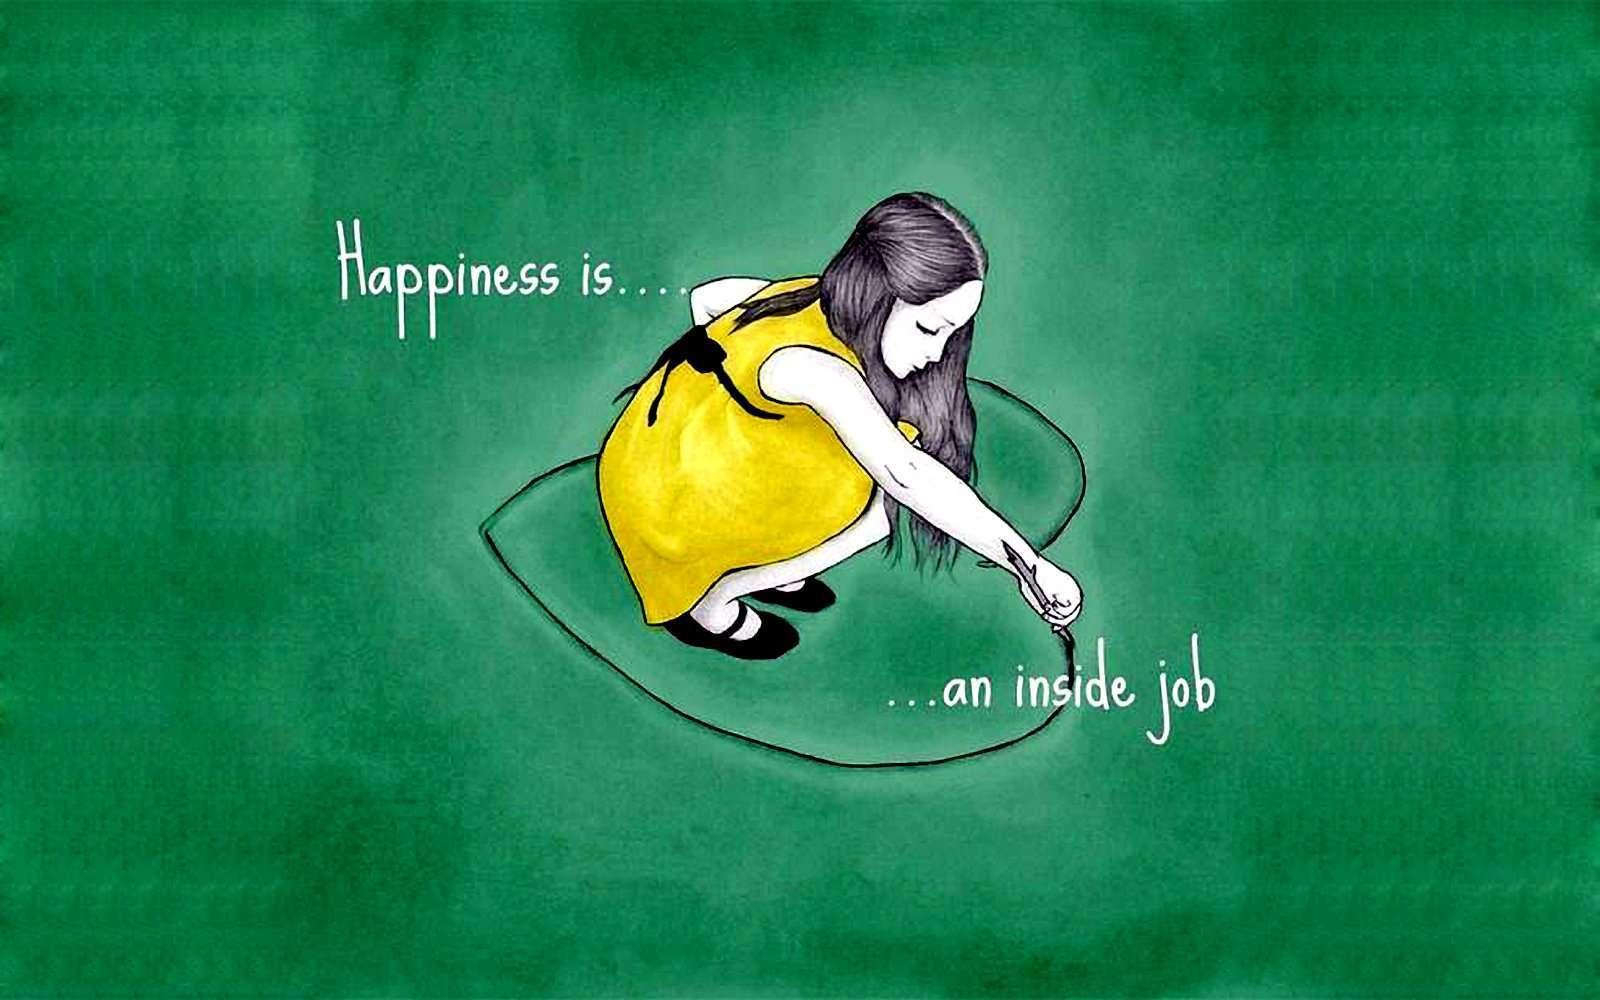 happiness vidya sury